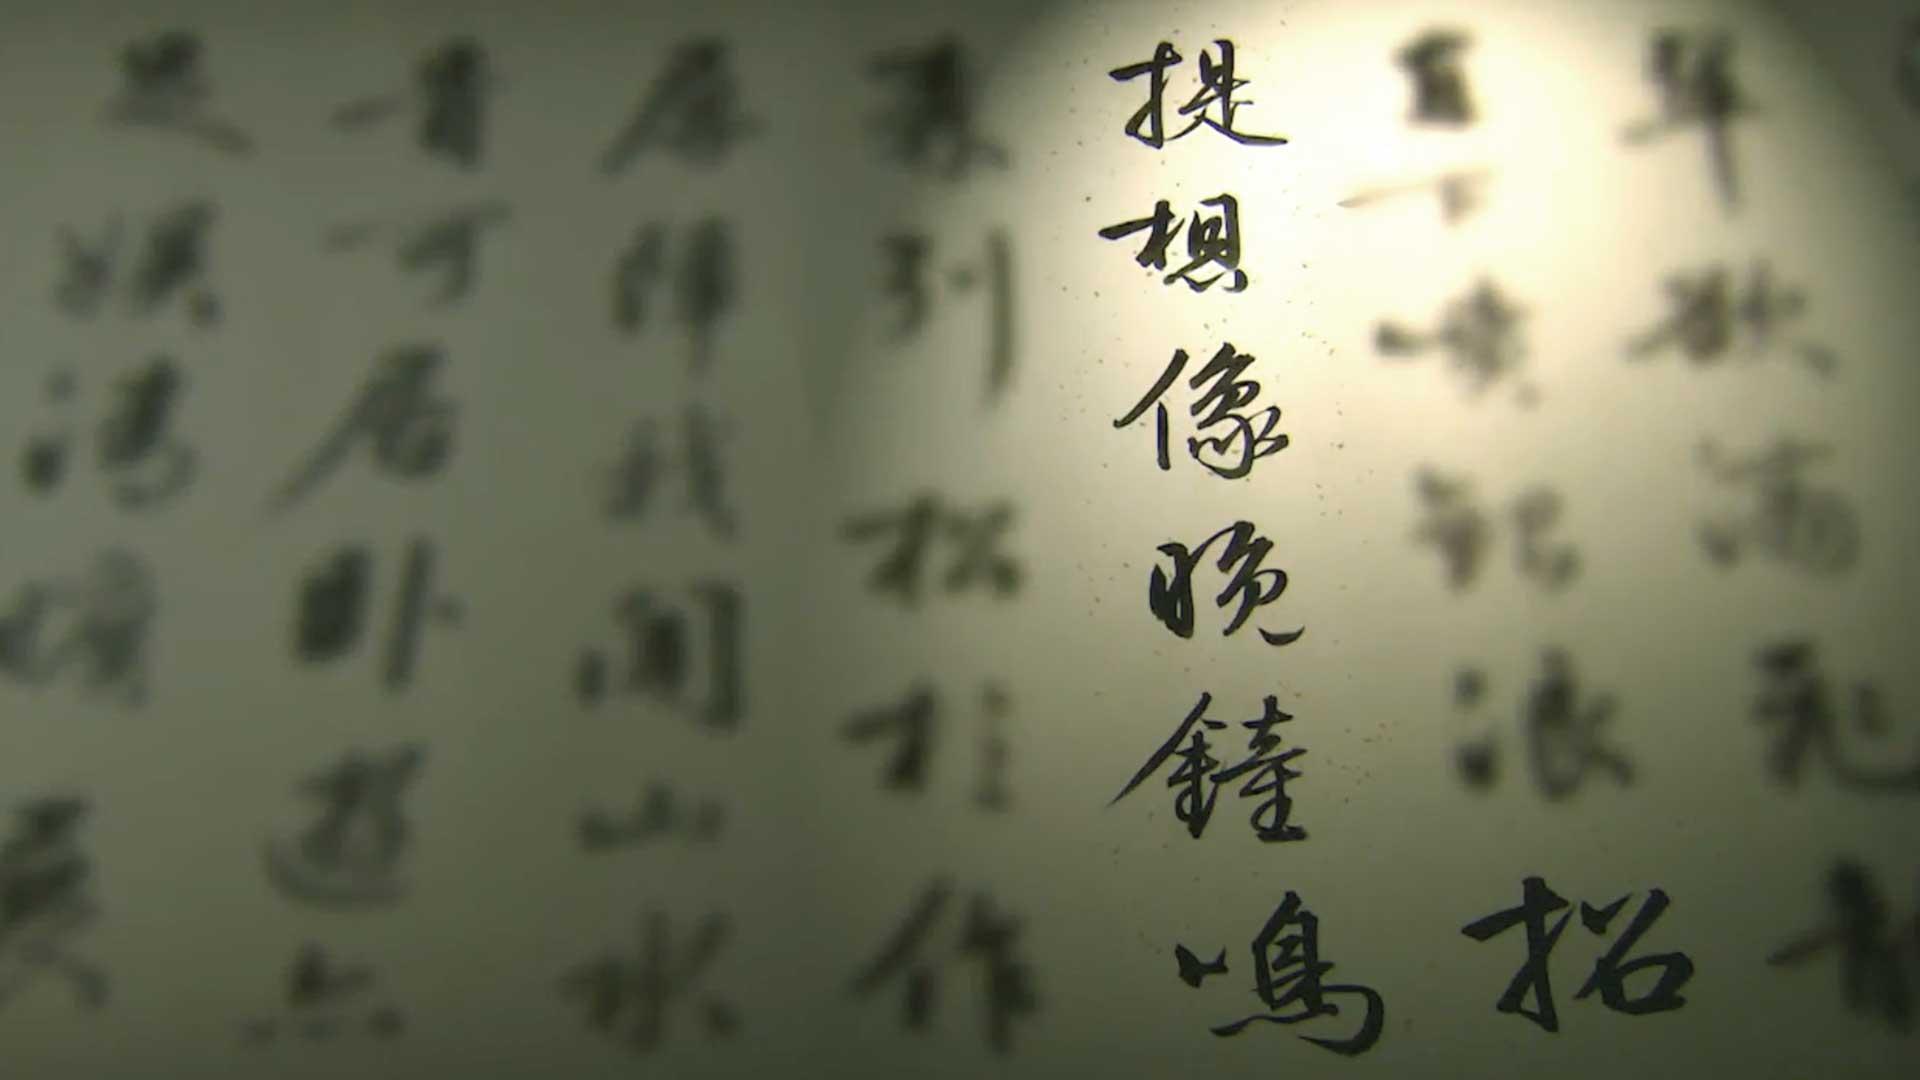 《呼吸美学-中国古画赏析》: 江山如画 (2021年)<p>画作提供:香港艺术馆虚白斋藏</p>